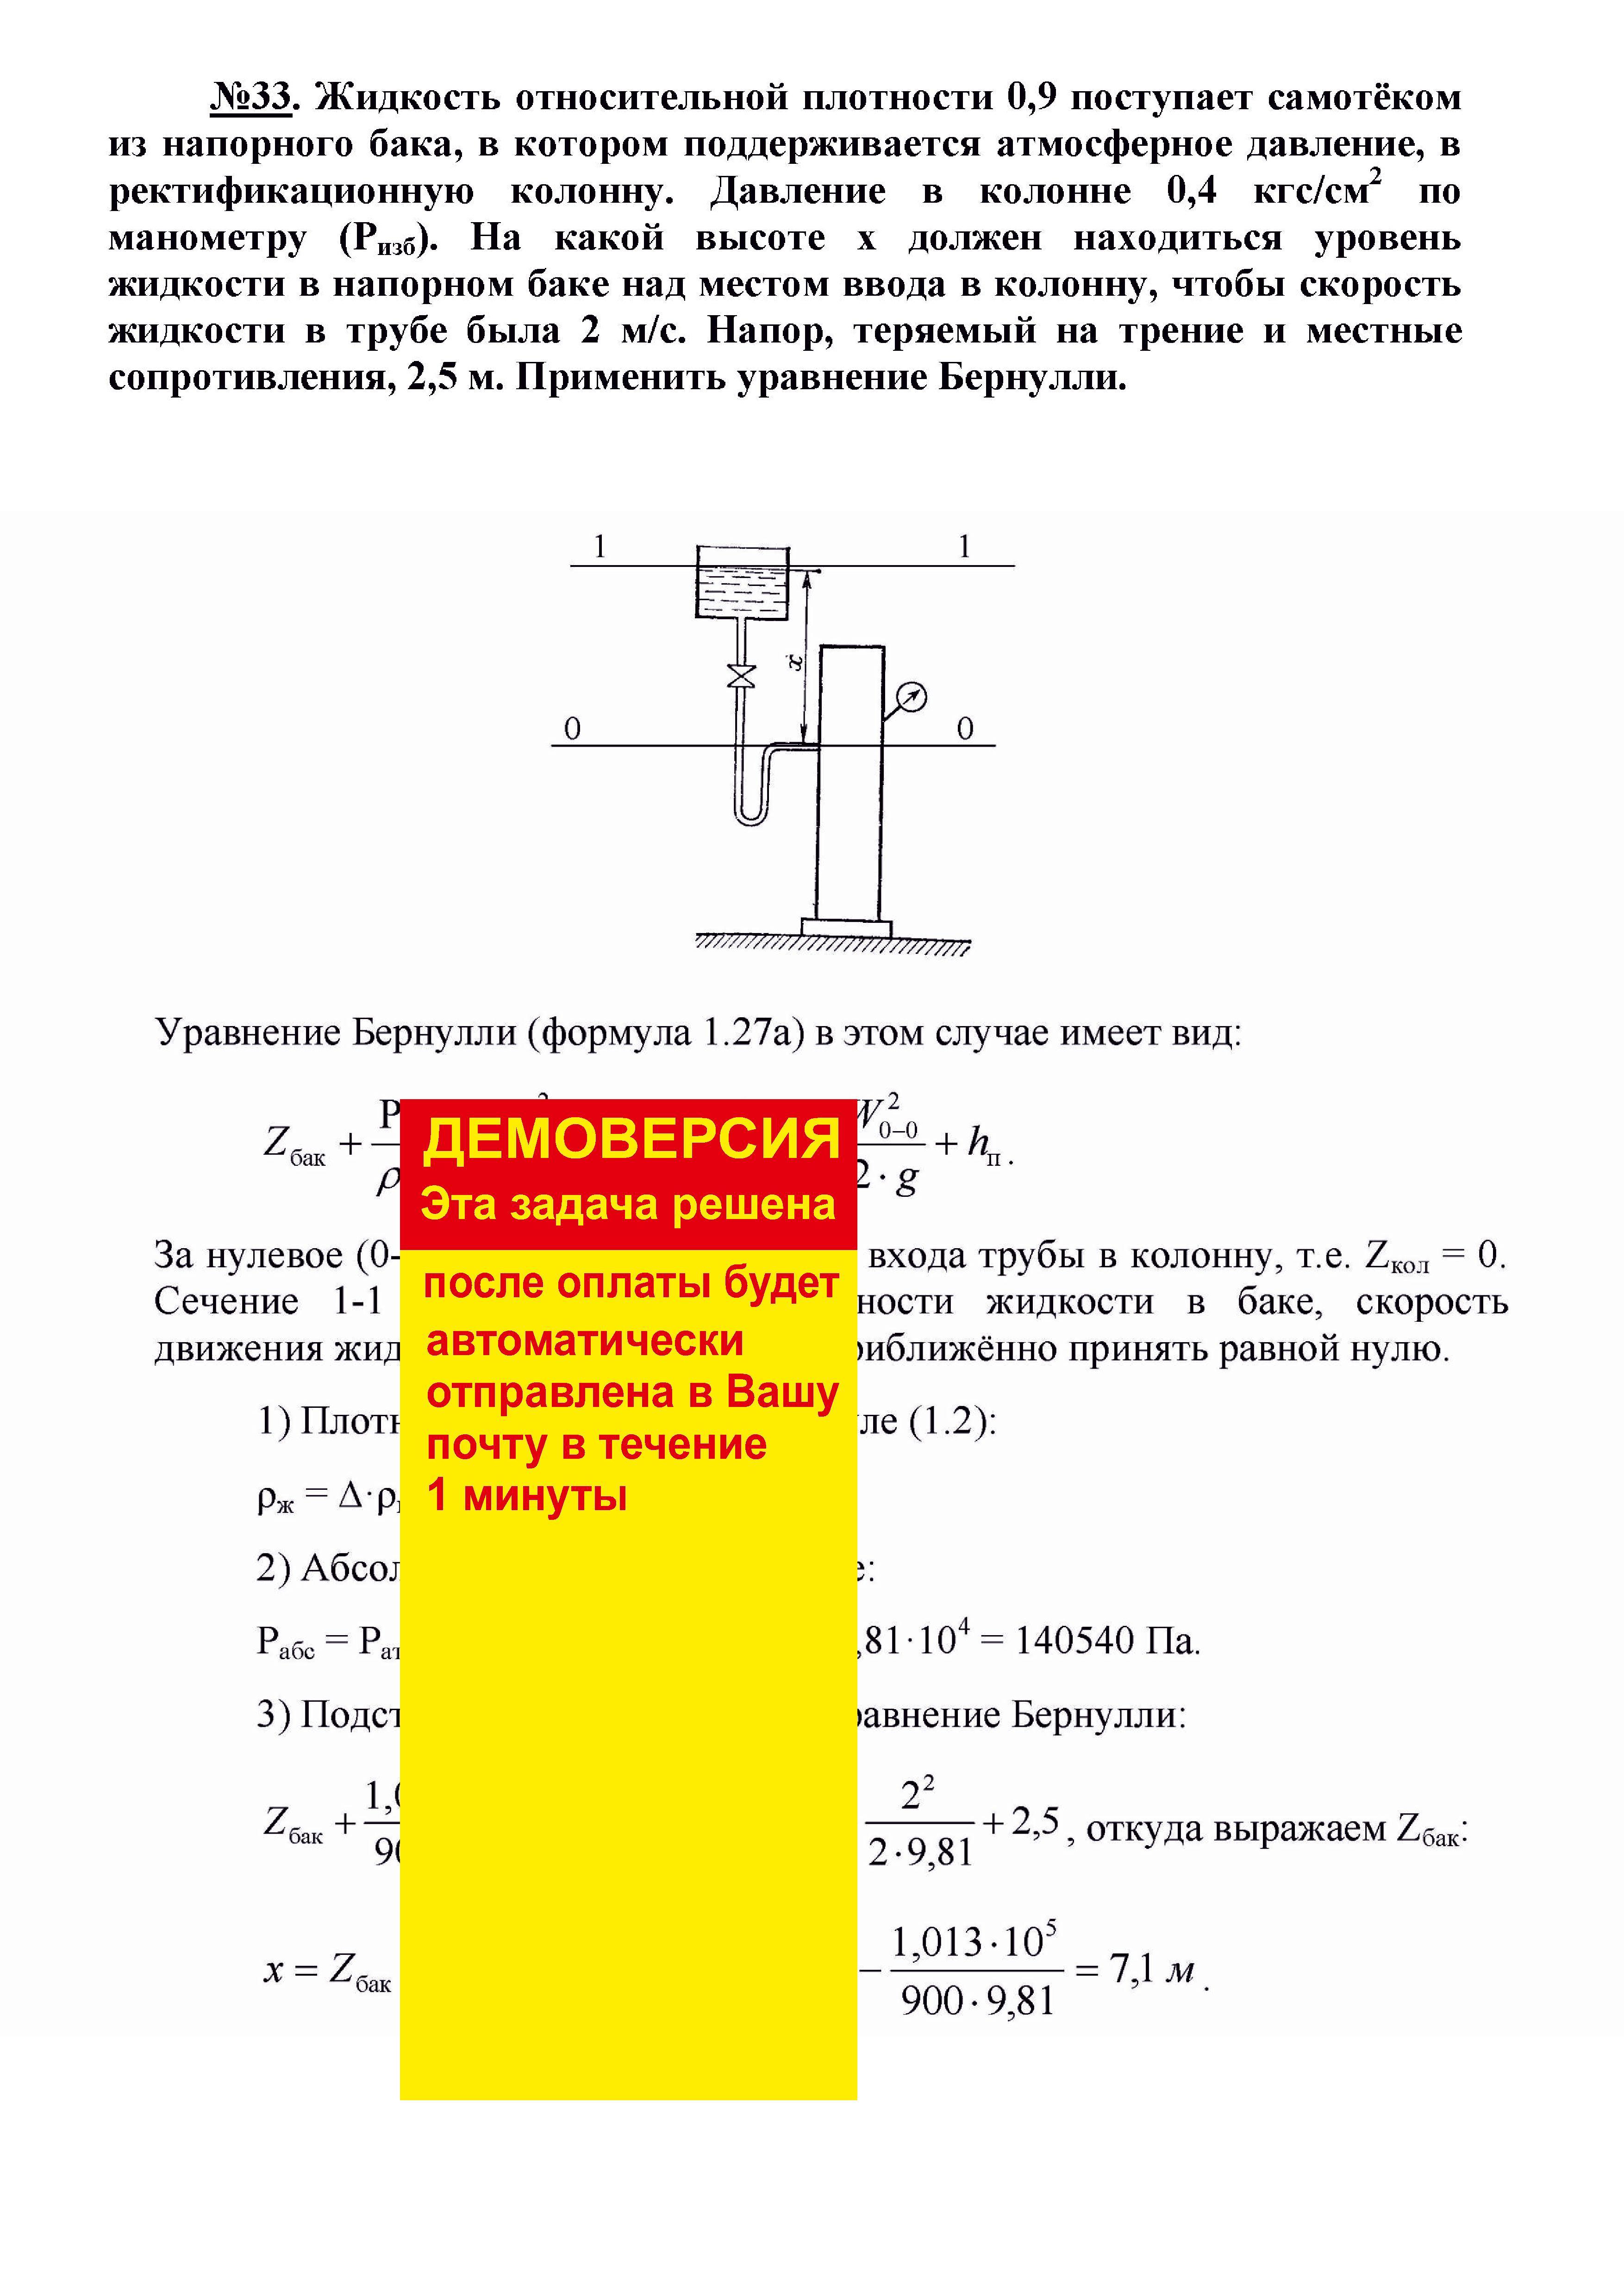 Решение задачи 1.33 по ПАХТ из задачника Павлова Романкова Носкова